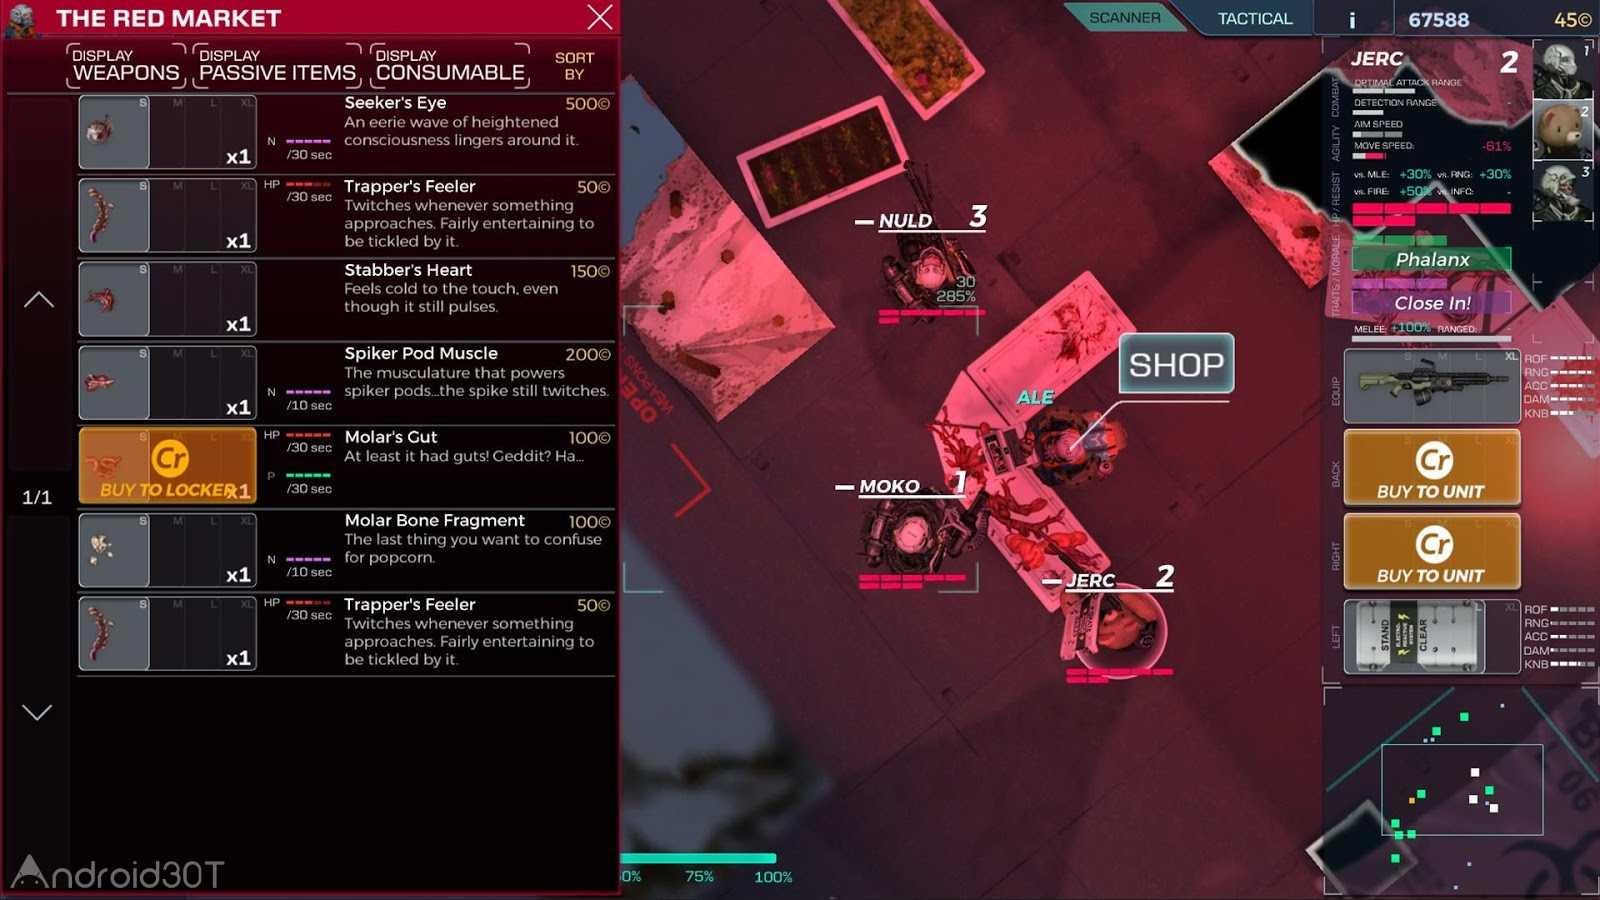 دانلود Strain Tactics 1.18 – بازی نقش آفرینی تاکتیکی جدید اندروید